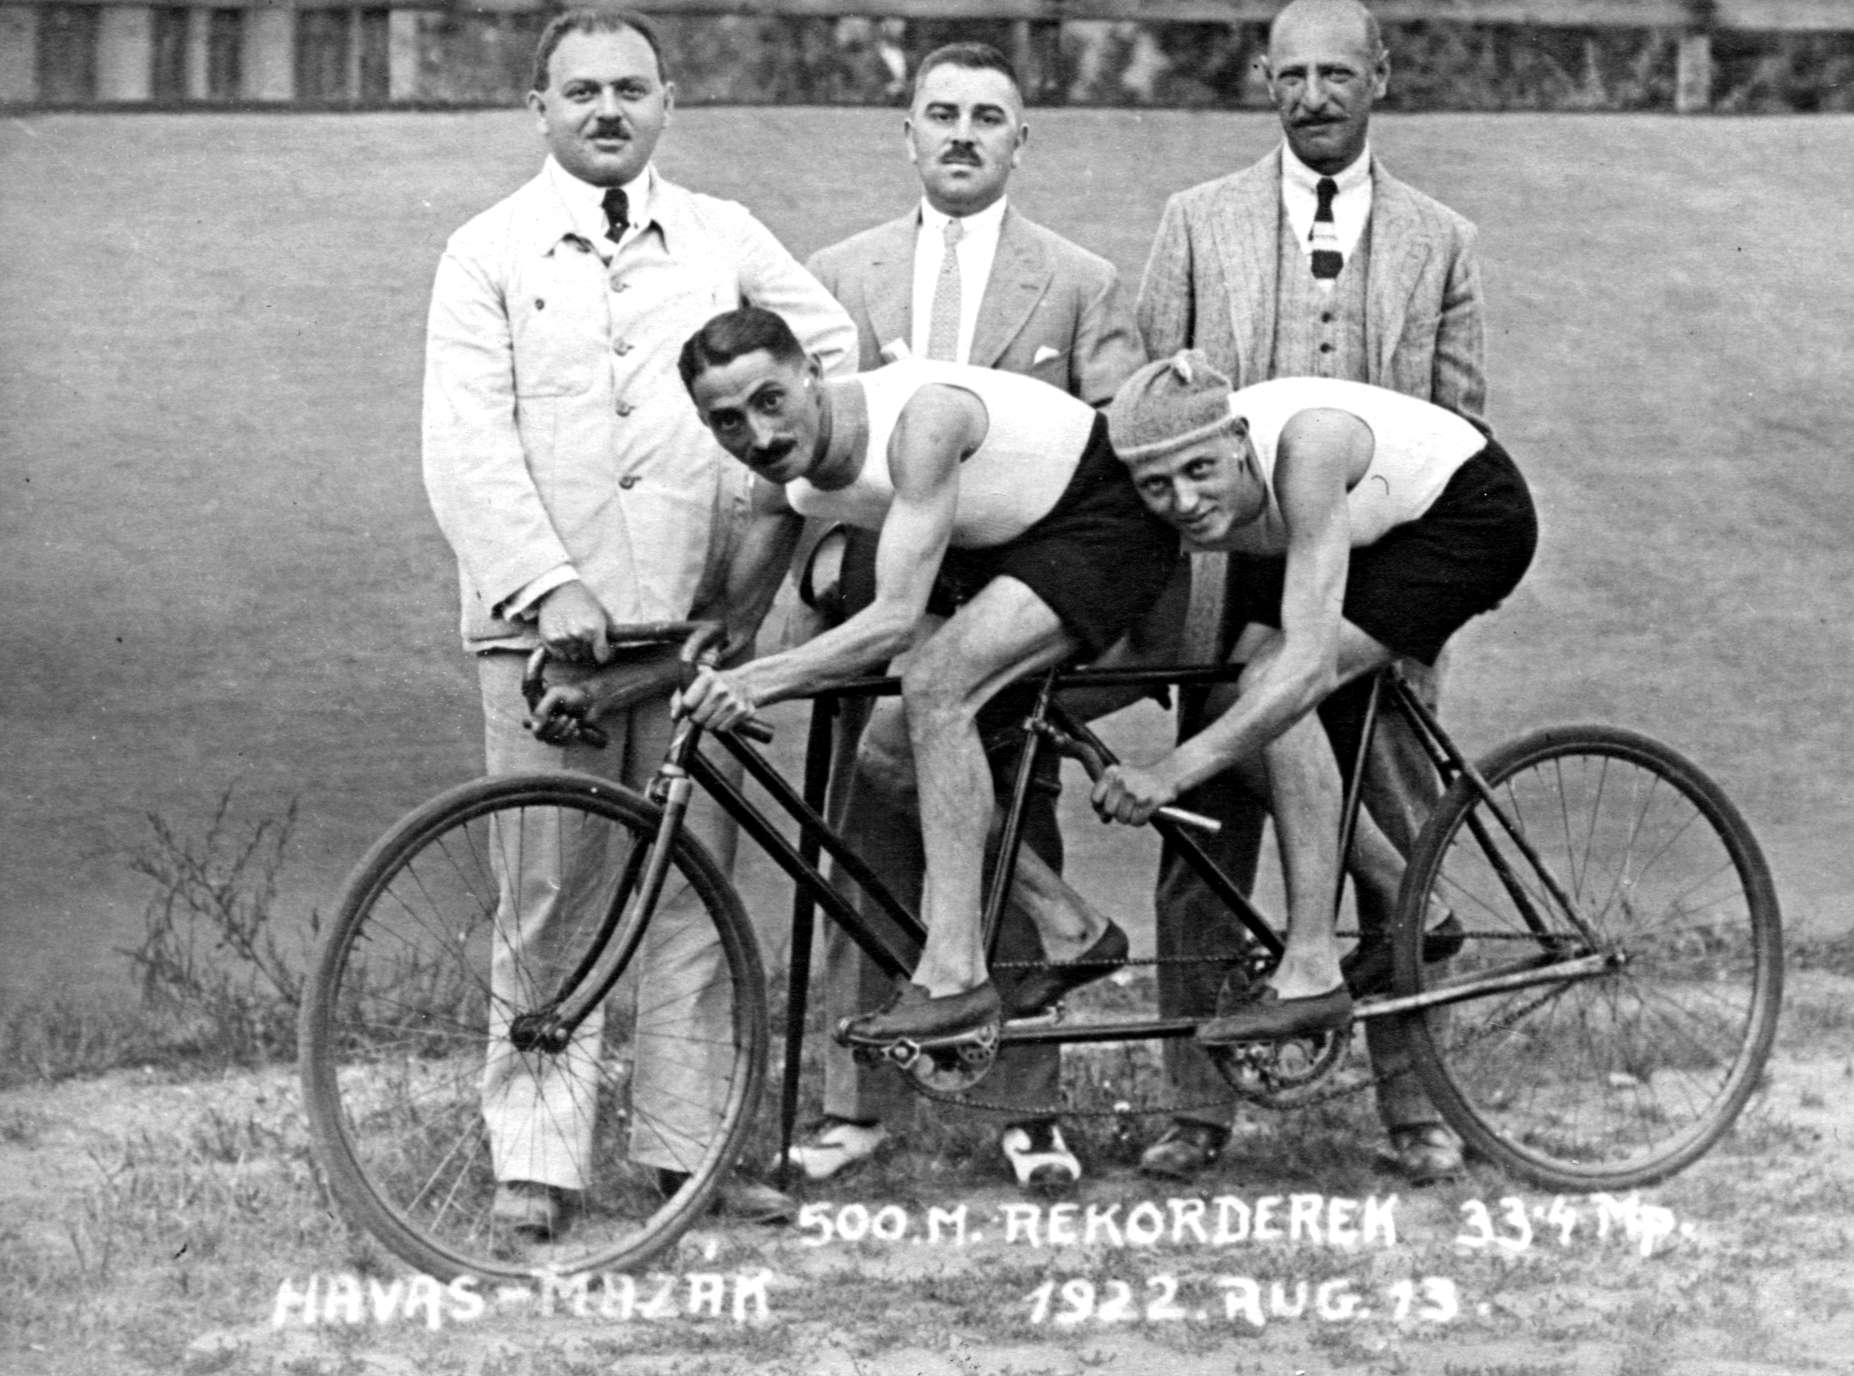 Az egykori neves magyar versenyzőkön is megfigyelhető a lábbeli specializálása...